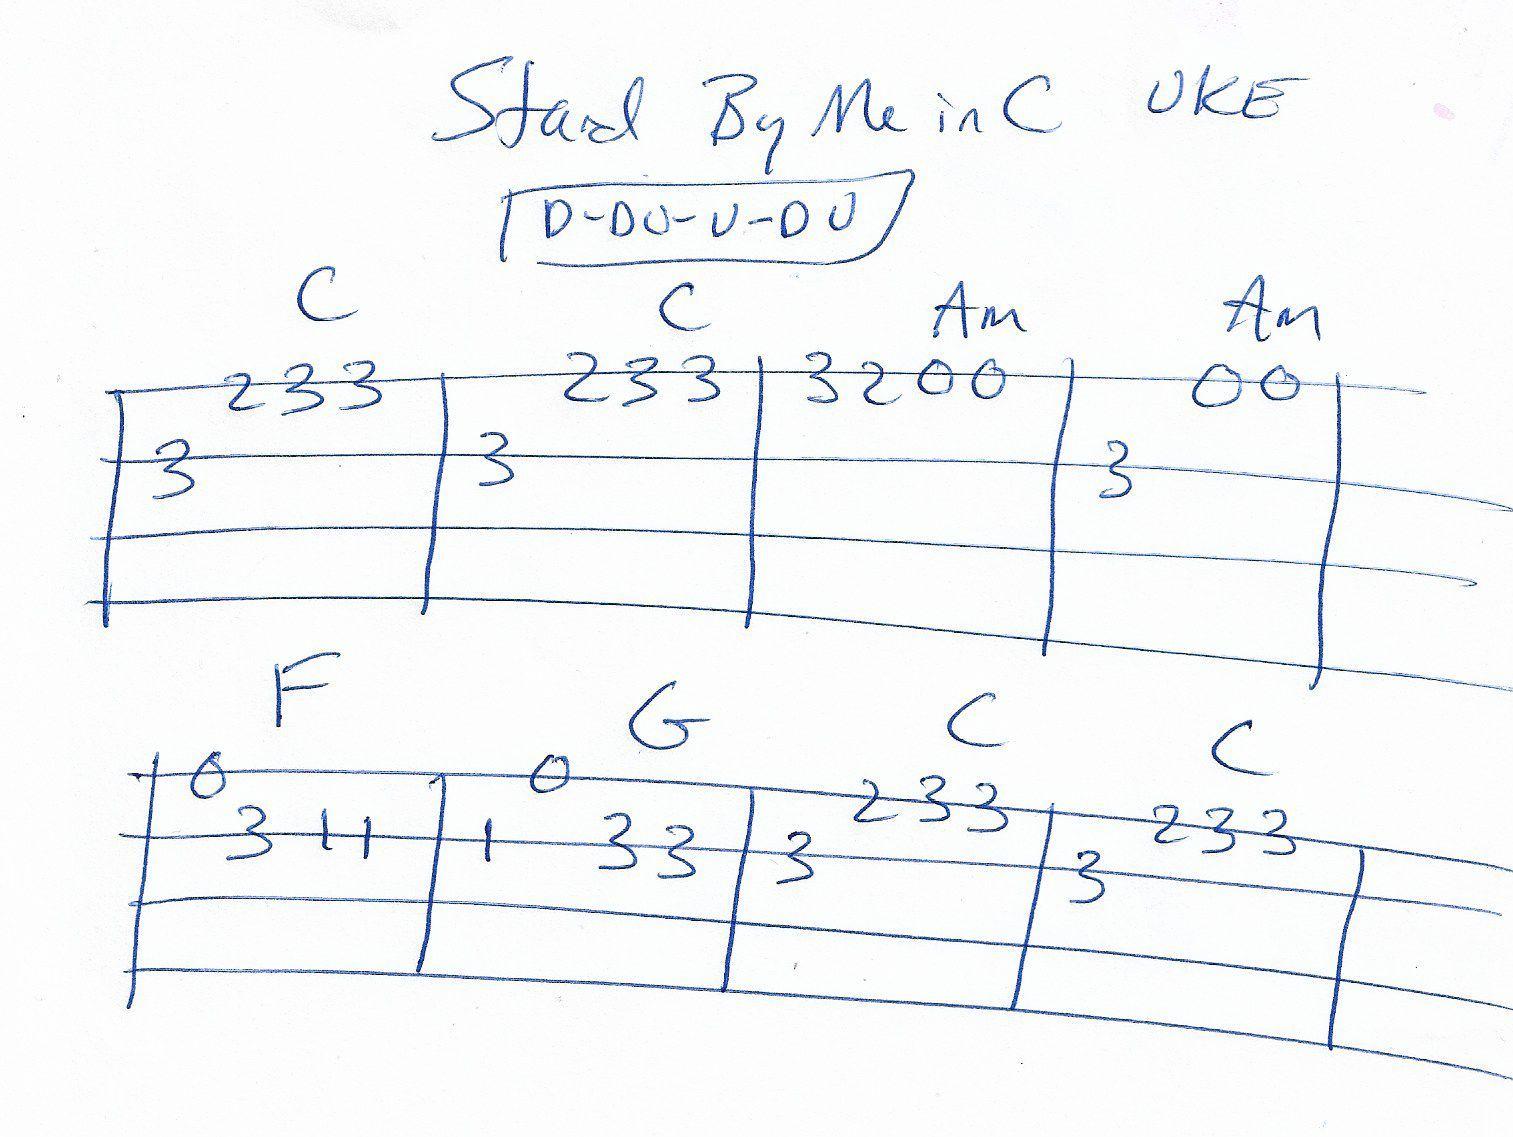 Stand By Me Intro Uke Tab In C Major Ukulele Fingerpicking Ukulele Songs Ukulele Music